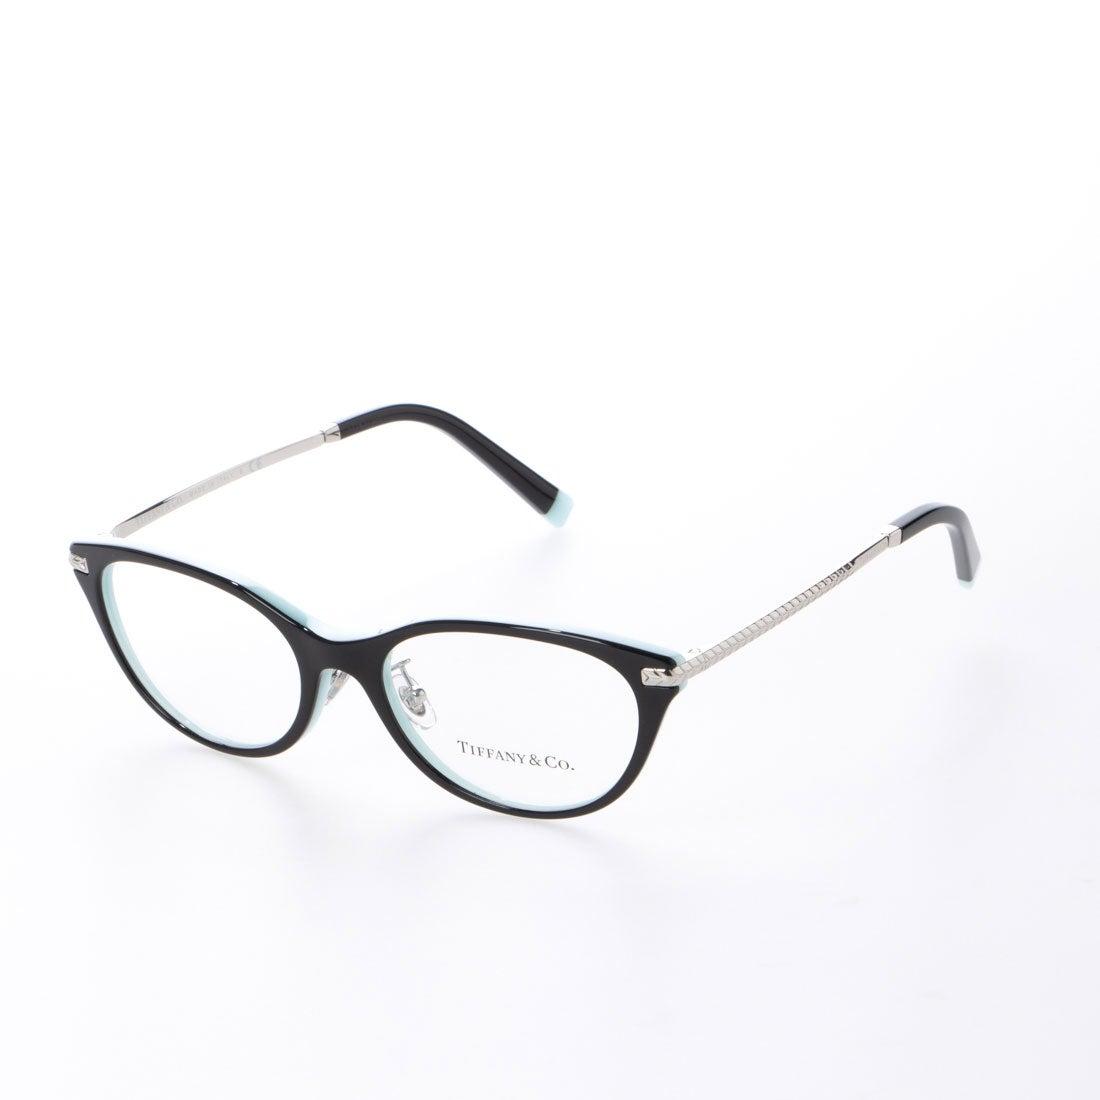 ティファニー TIFFANY メガネ 眼鏡 アイウェア レディース メンズ (ブラックオンティファニーブルー)